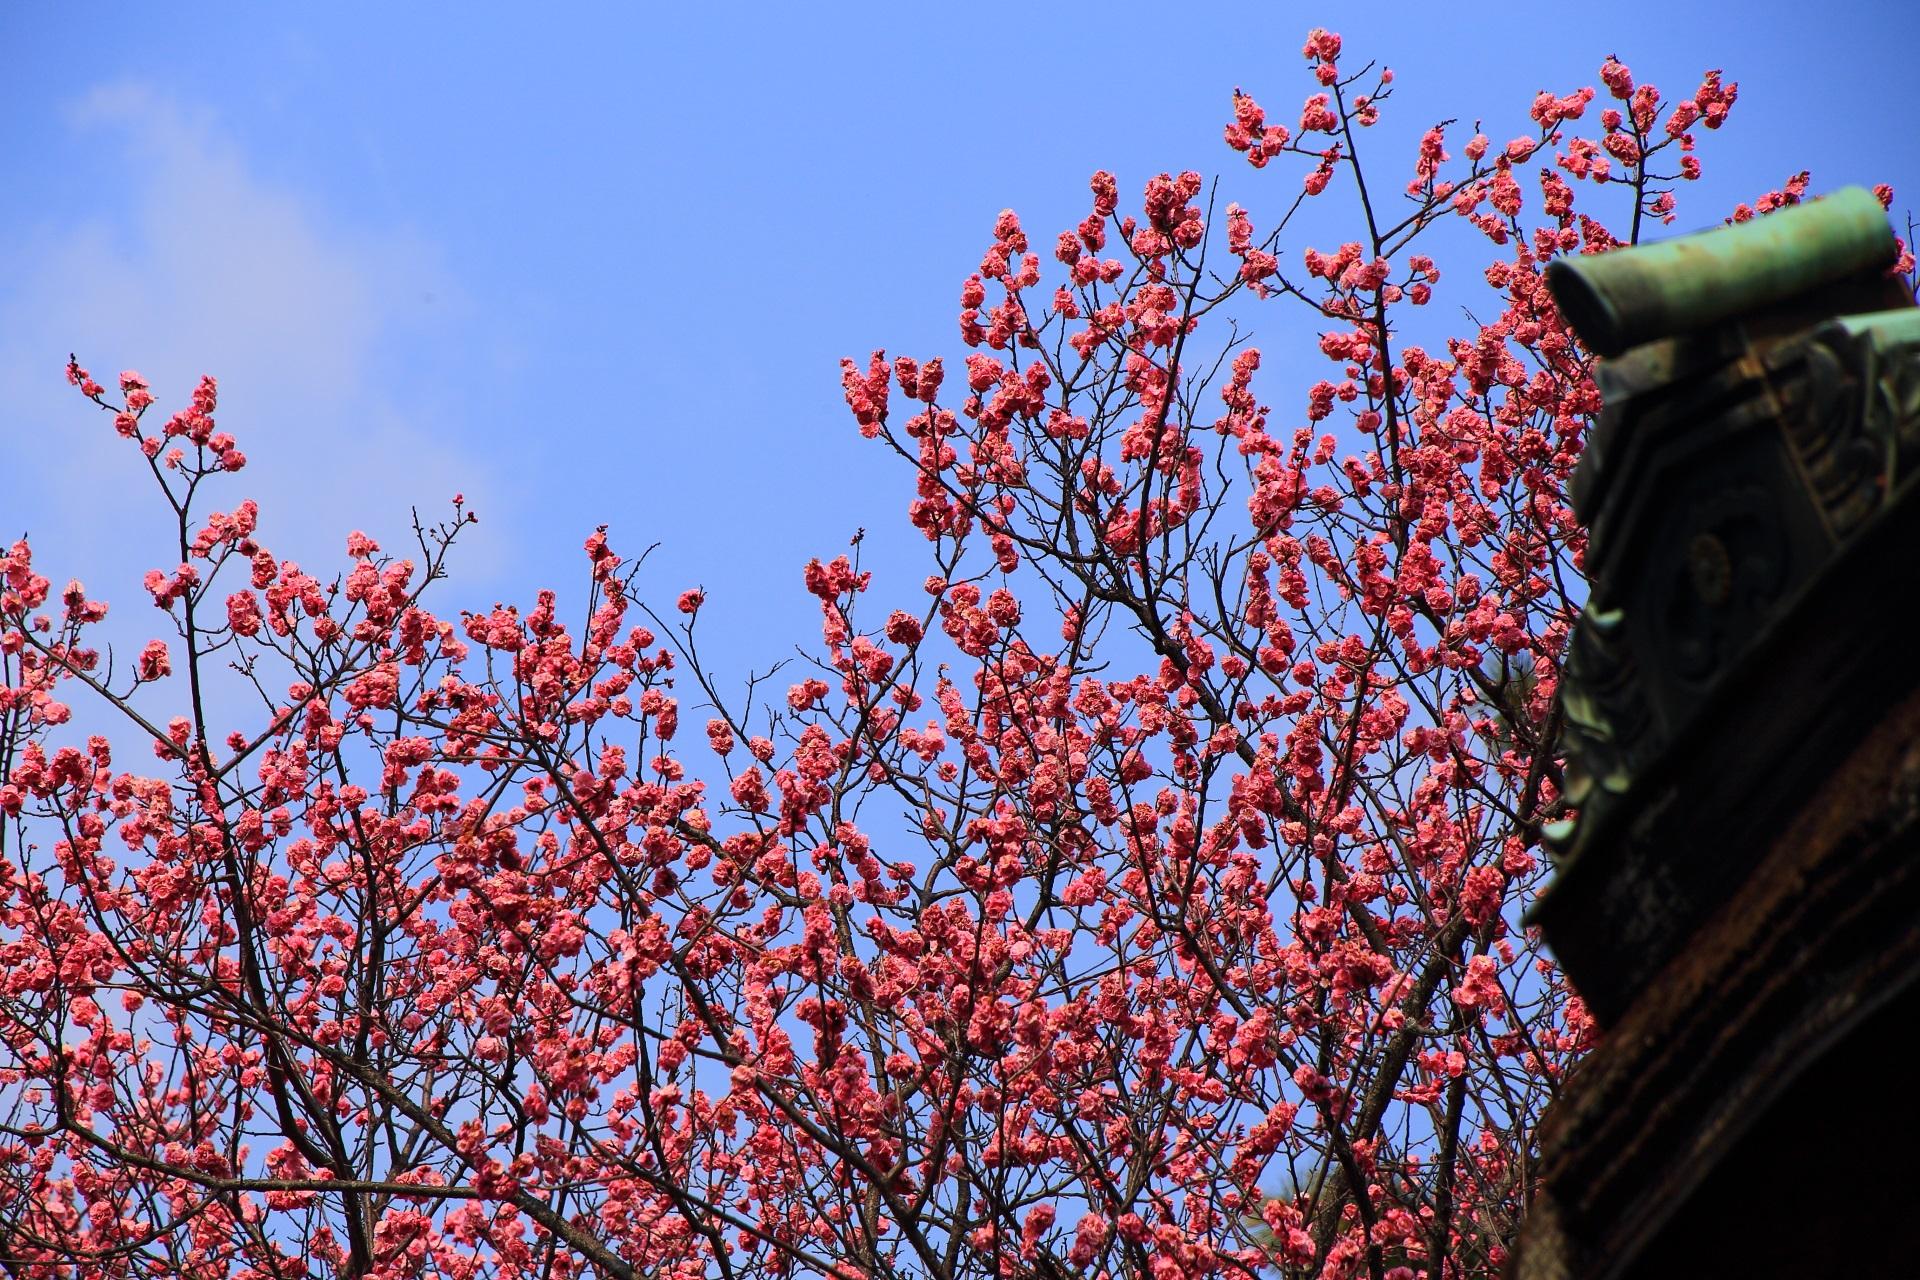 青空に映えるピンクの梅の花